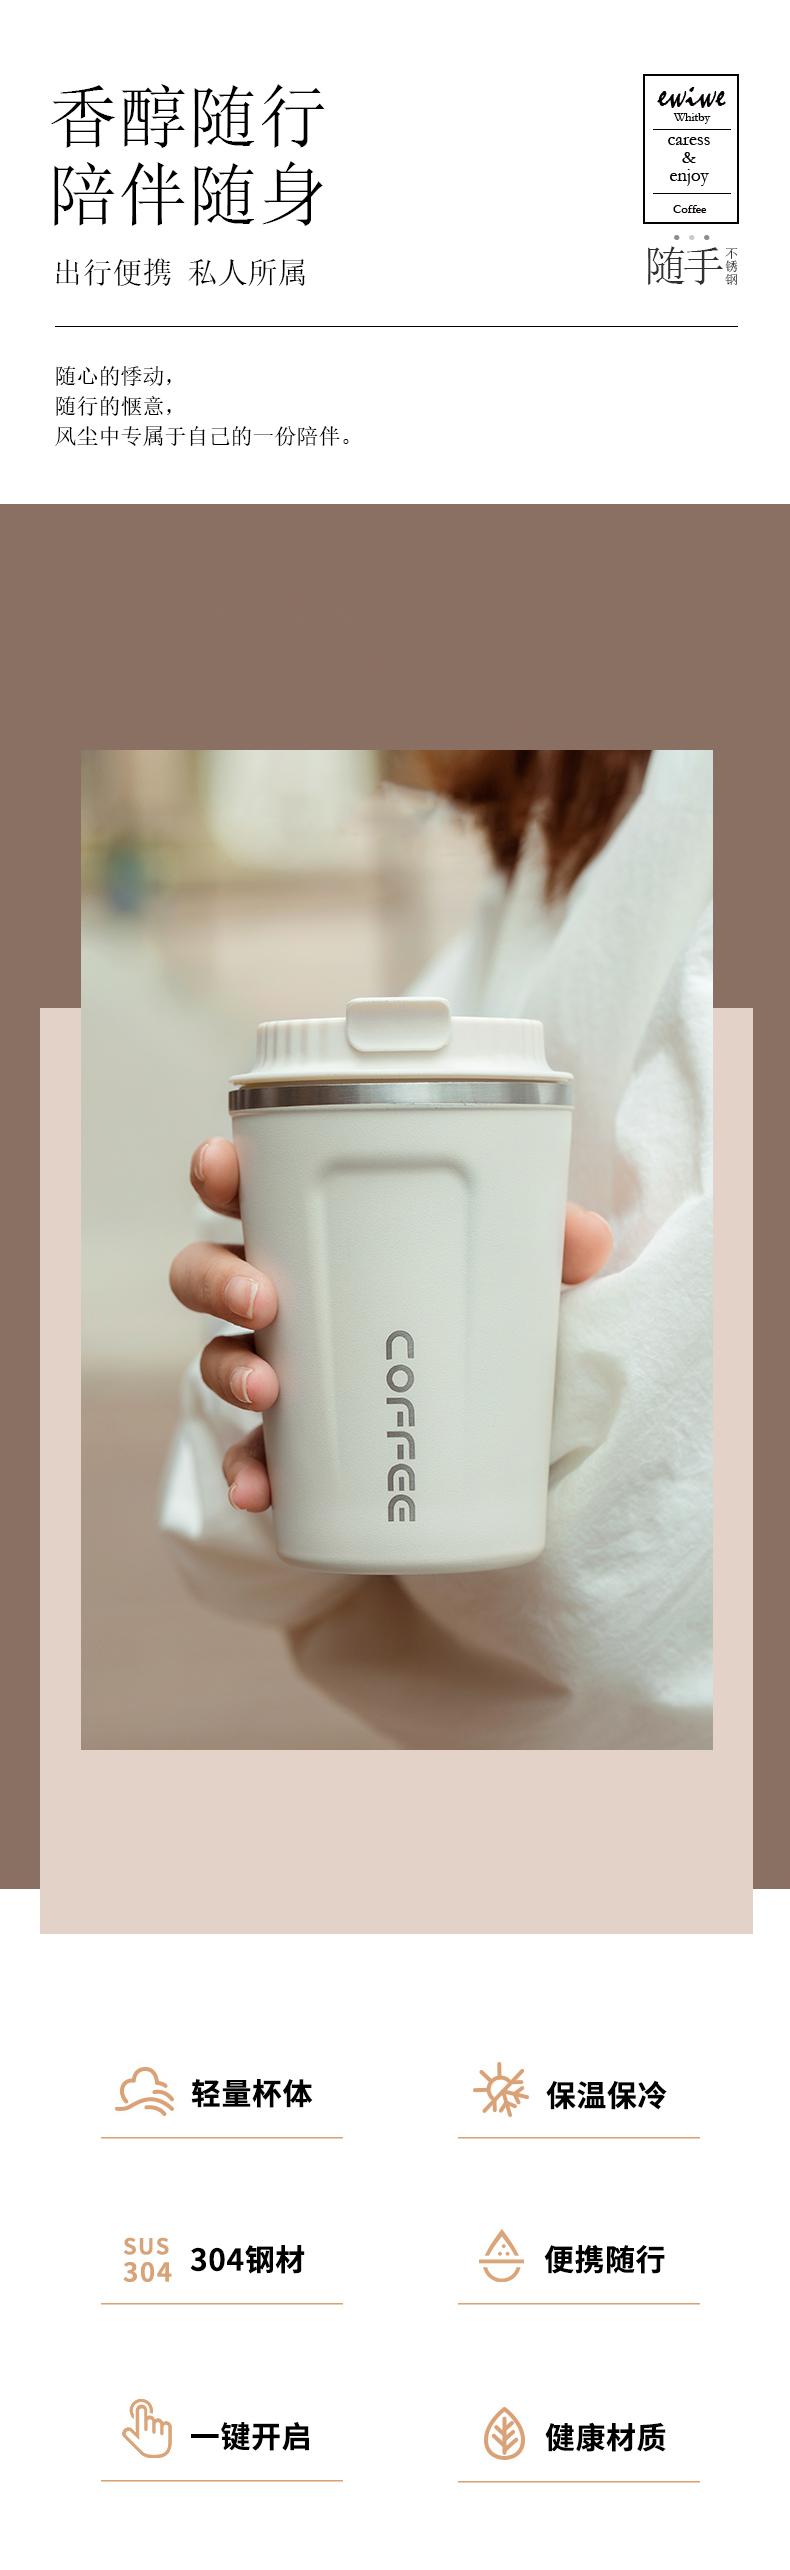 EWIWE 联盟心选 咖啡杯304不锈钢保温杯随行杯旅行出差便携水杯大容量车载随身杯情侣杯子带盖 军绿色 380ml